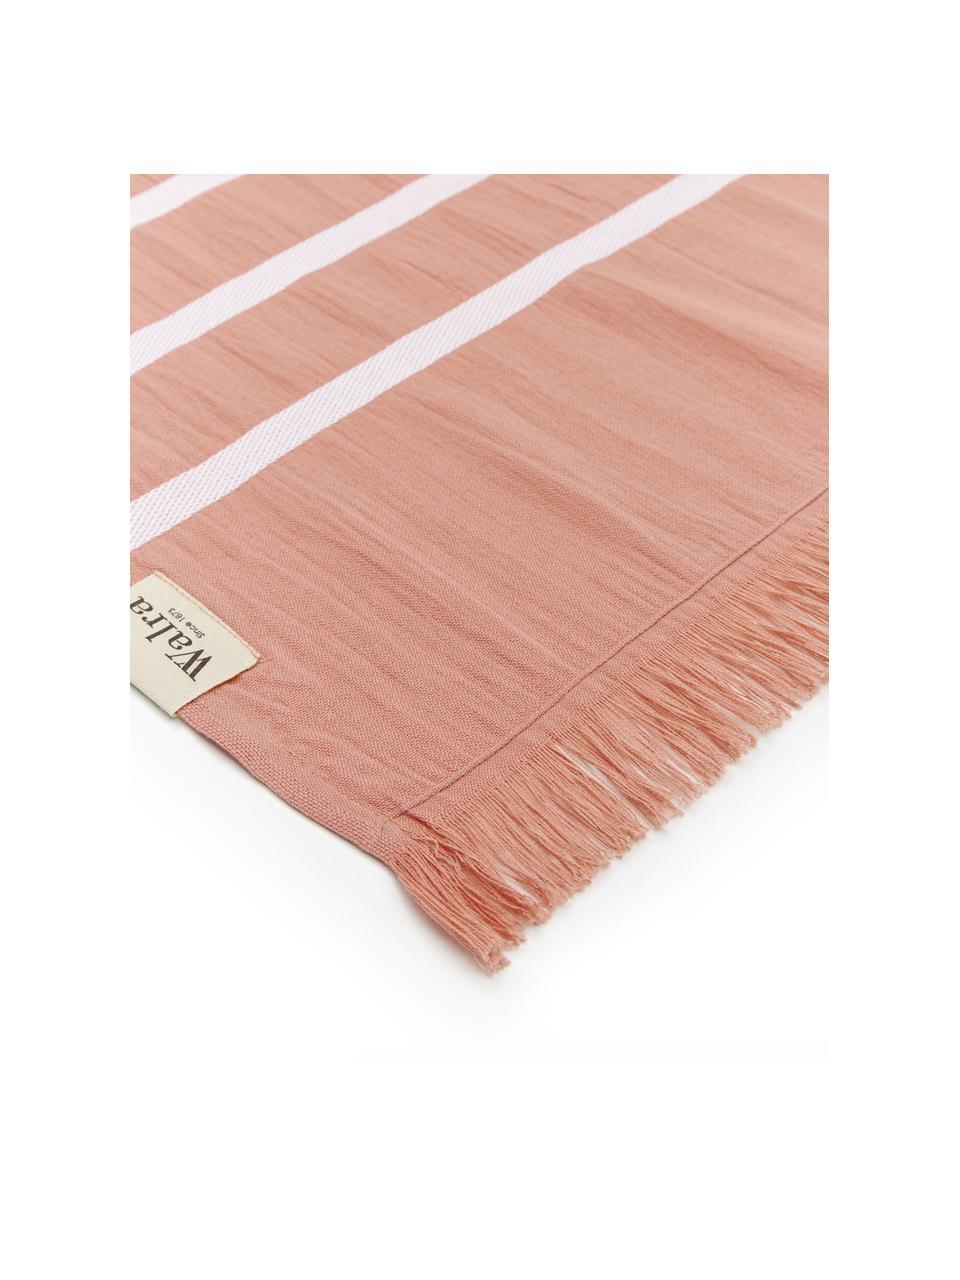 Ręcznik plażowy Filena, 100% bawełna, Terakota, biały, S 100 x D 180 cm